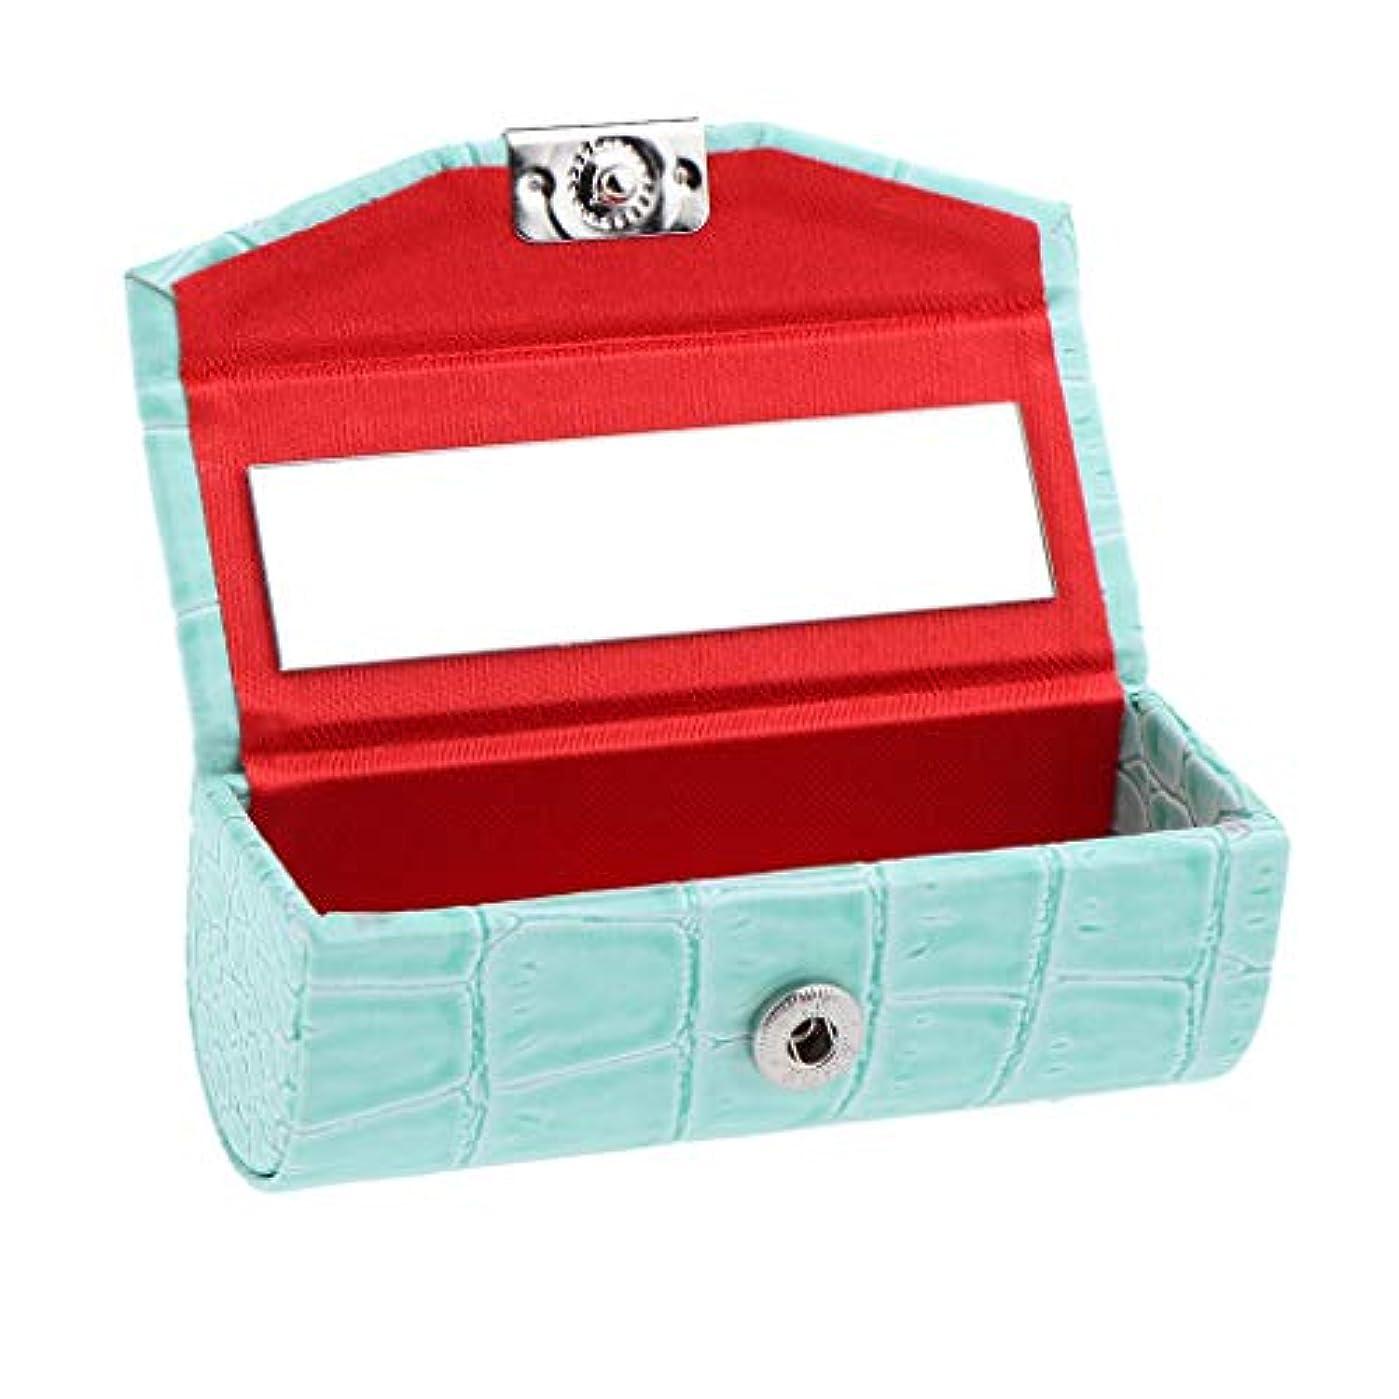 豊富に虚偽引き出すIPOTCH レザー リップスティックケース 口紅ホルダー ミラー 収納ボックス 多色選べ - ライトブルー